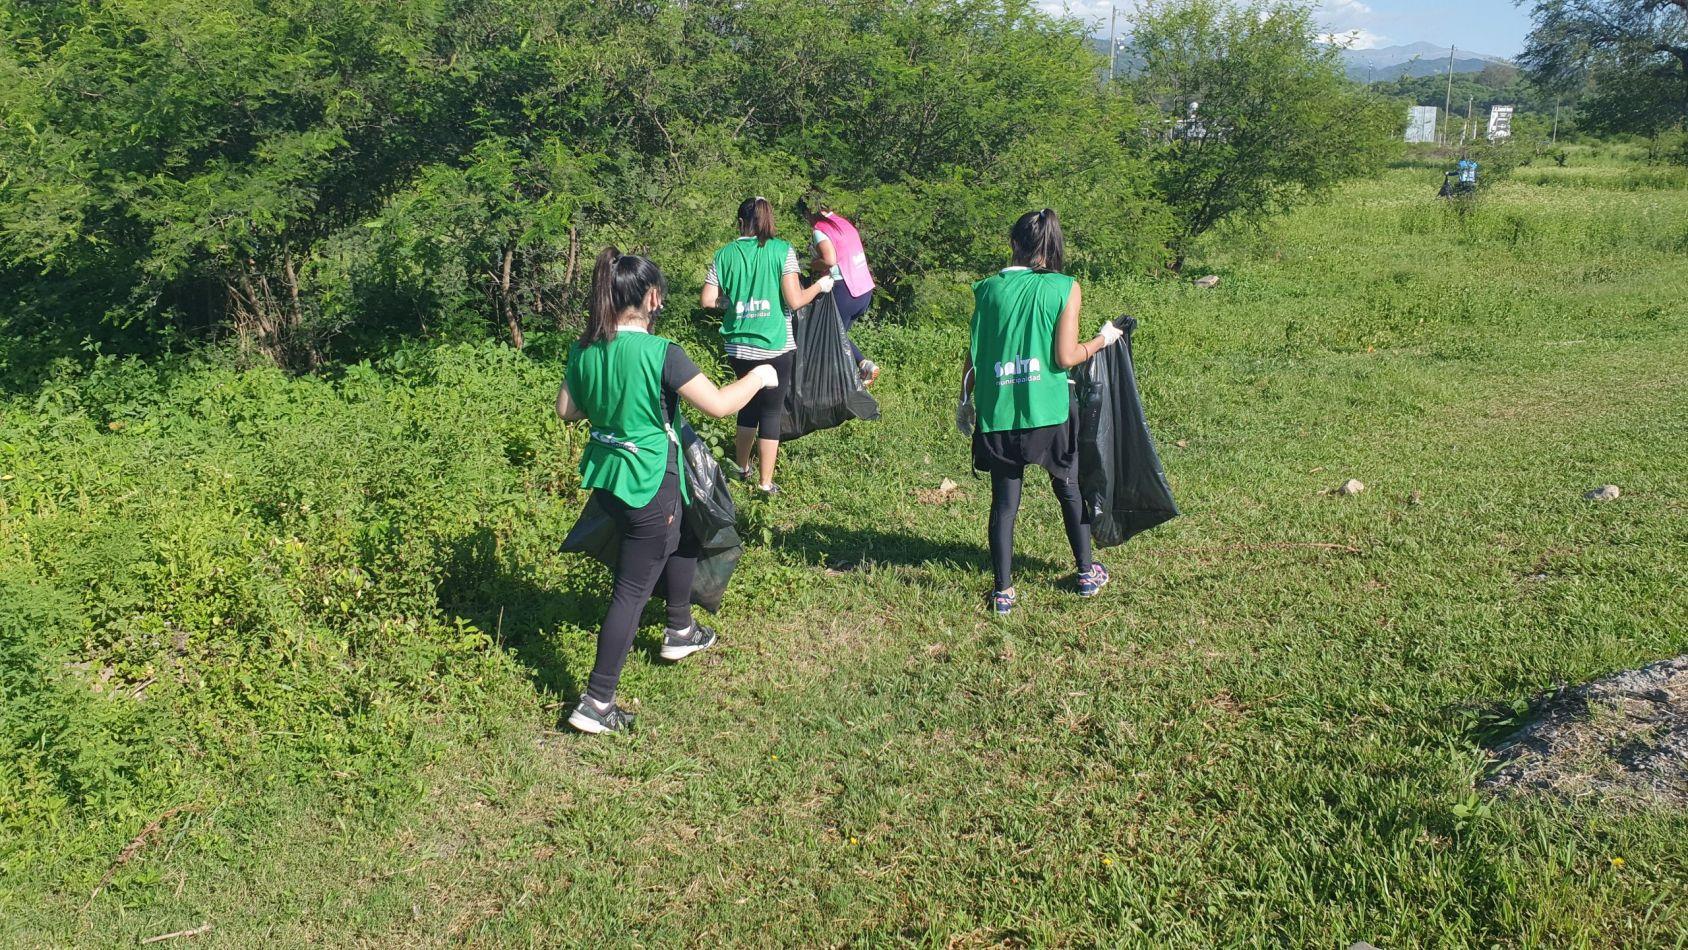 Se recolectaron 55 bolsas de residuo en el trayecto desde la rotonda del Quirquincho hasta el puente del río Vaqueros